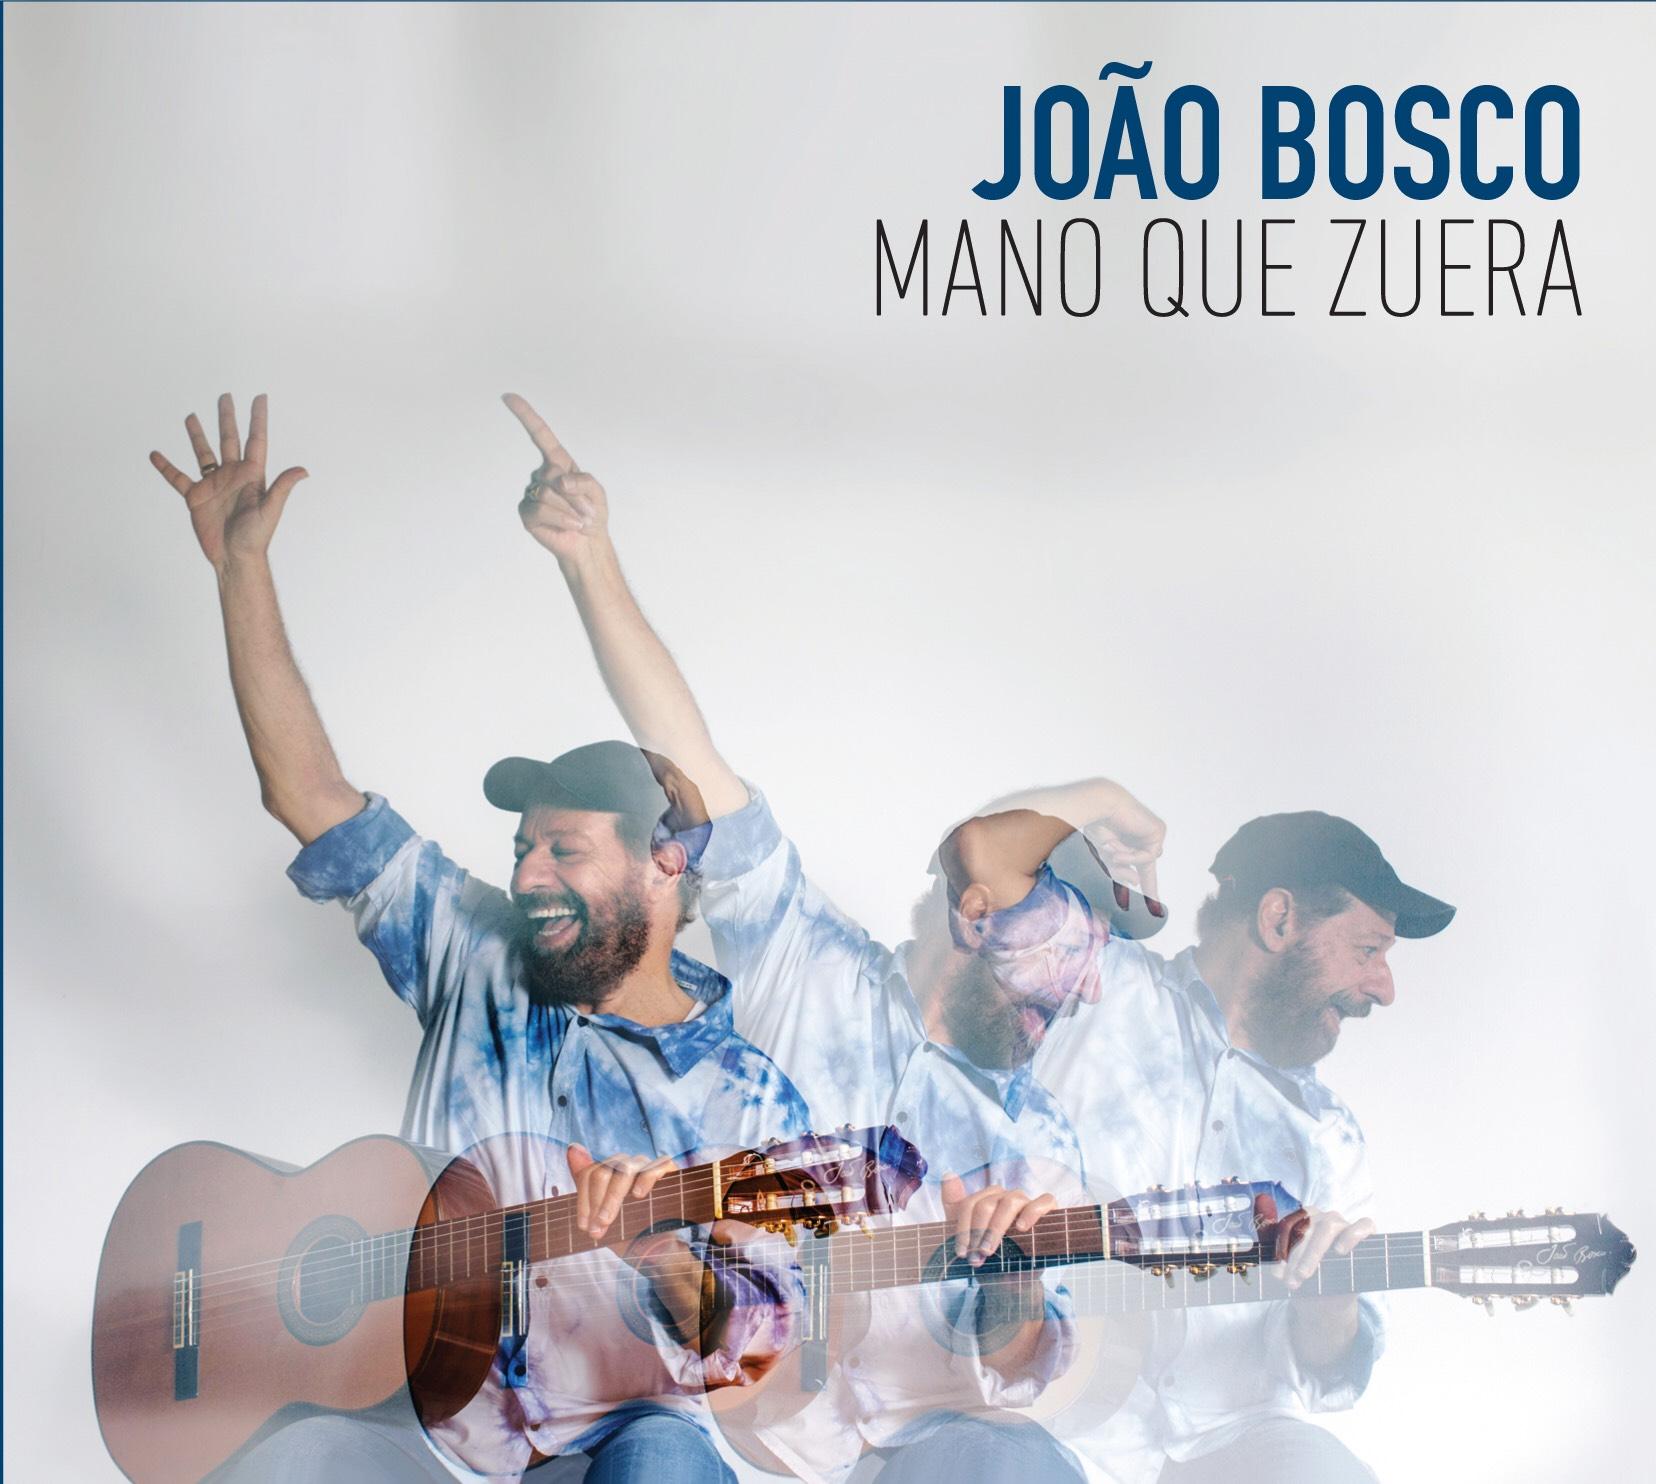 João Bosco Quartet